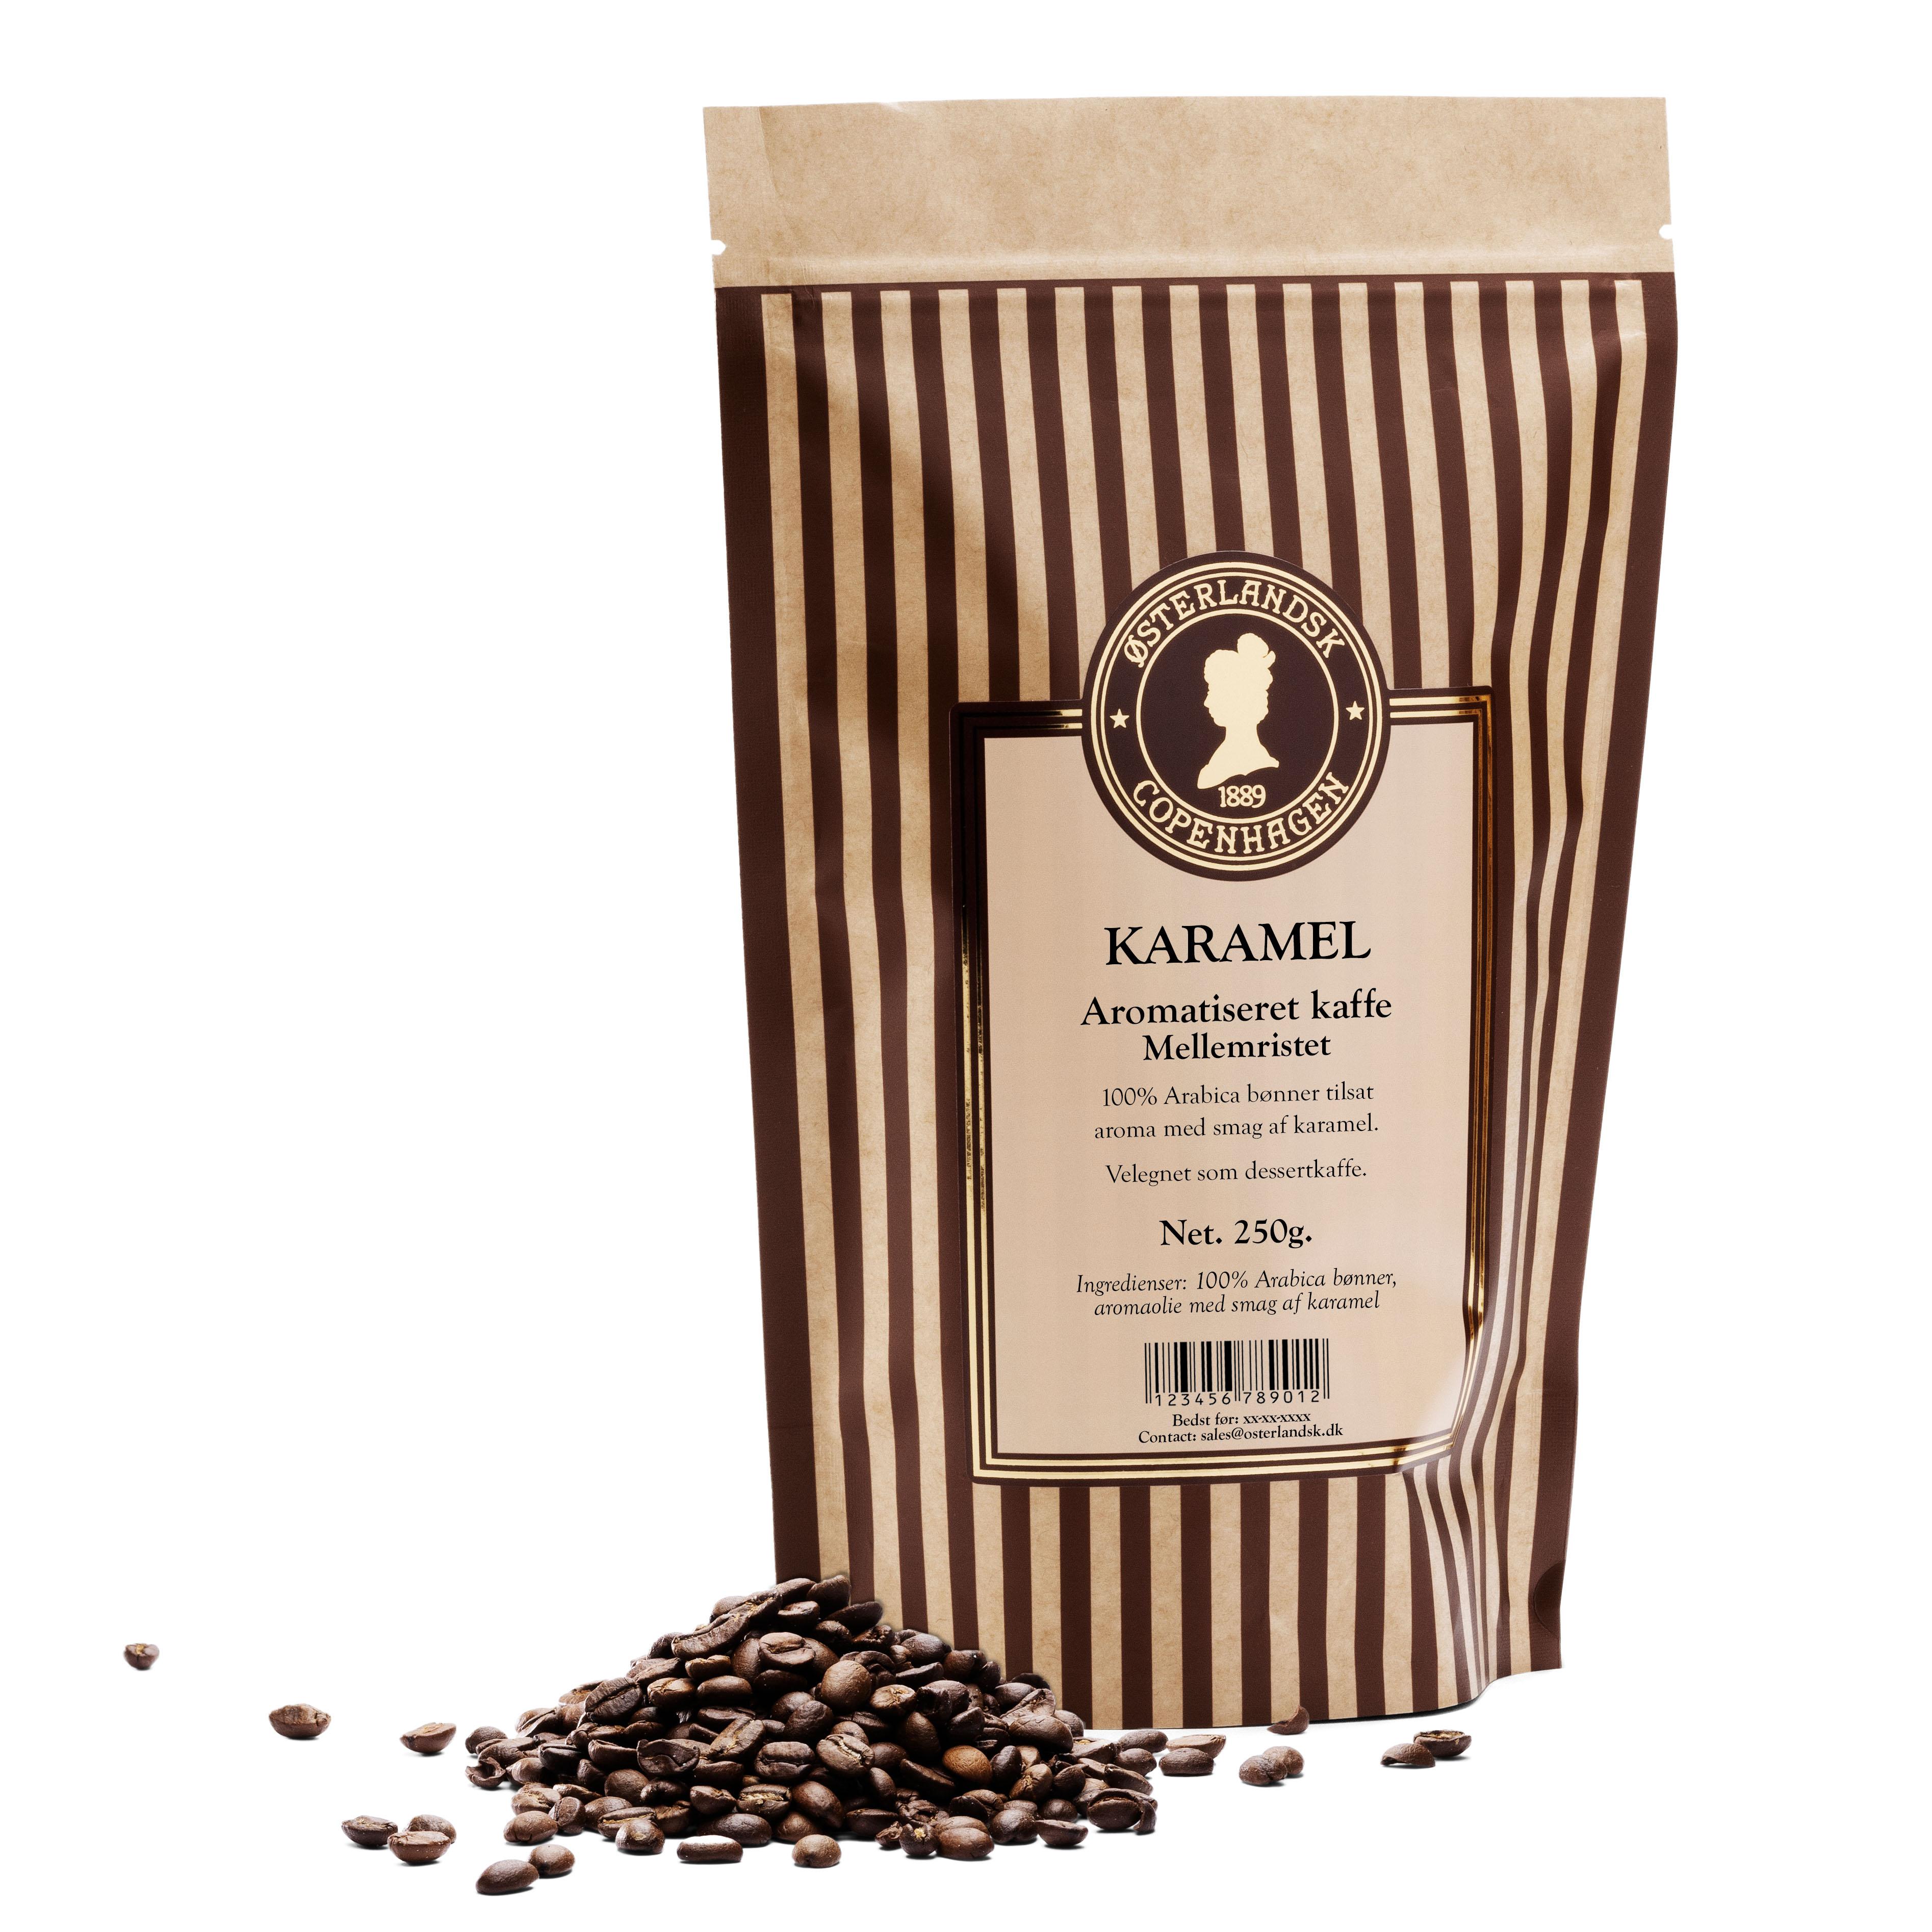 Karamel kaffe 250g